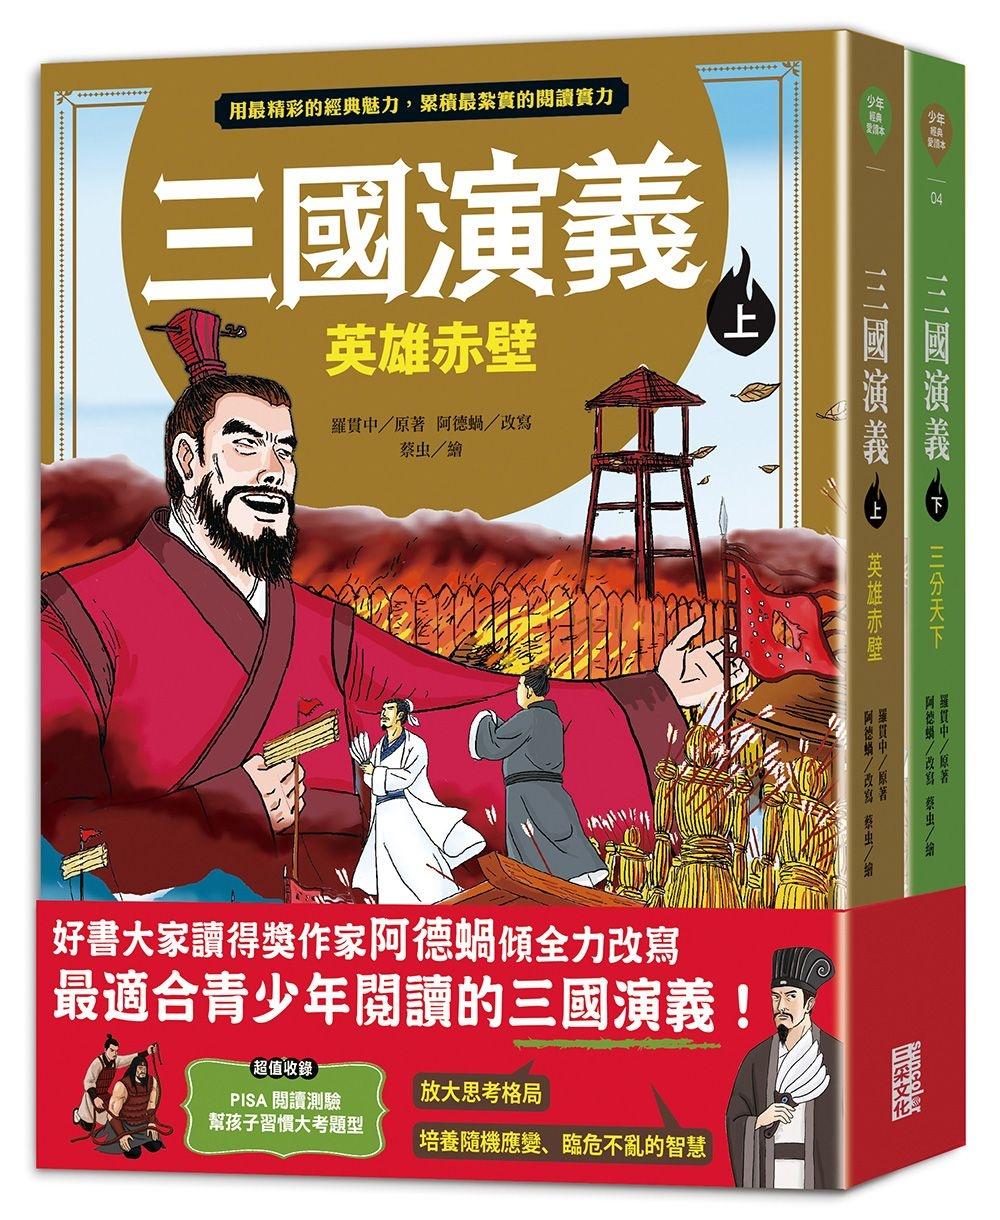 《三國演義》(上/下冊)